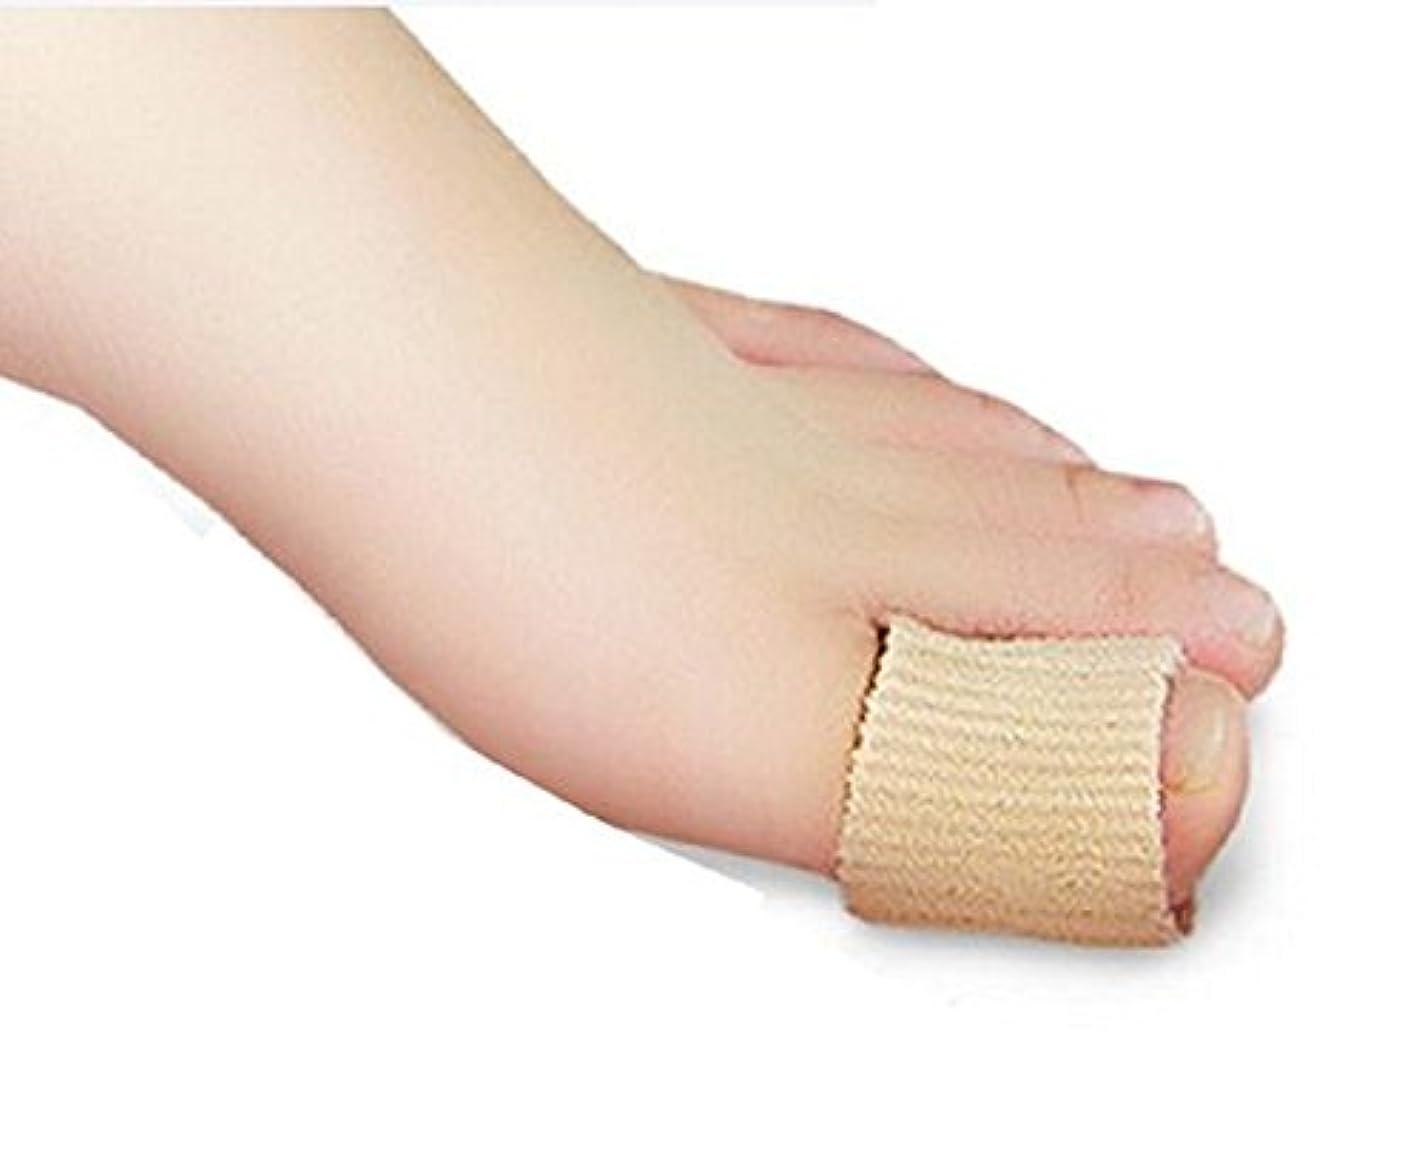 弱める数学先住民I BECOME FREE 足指保護パッド 手の指 突き指 足まめ マメ 水虫 腫れ 内部のジェルで優しく包みます